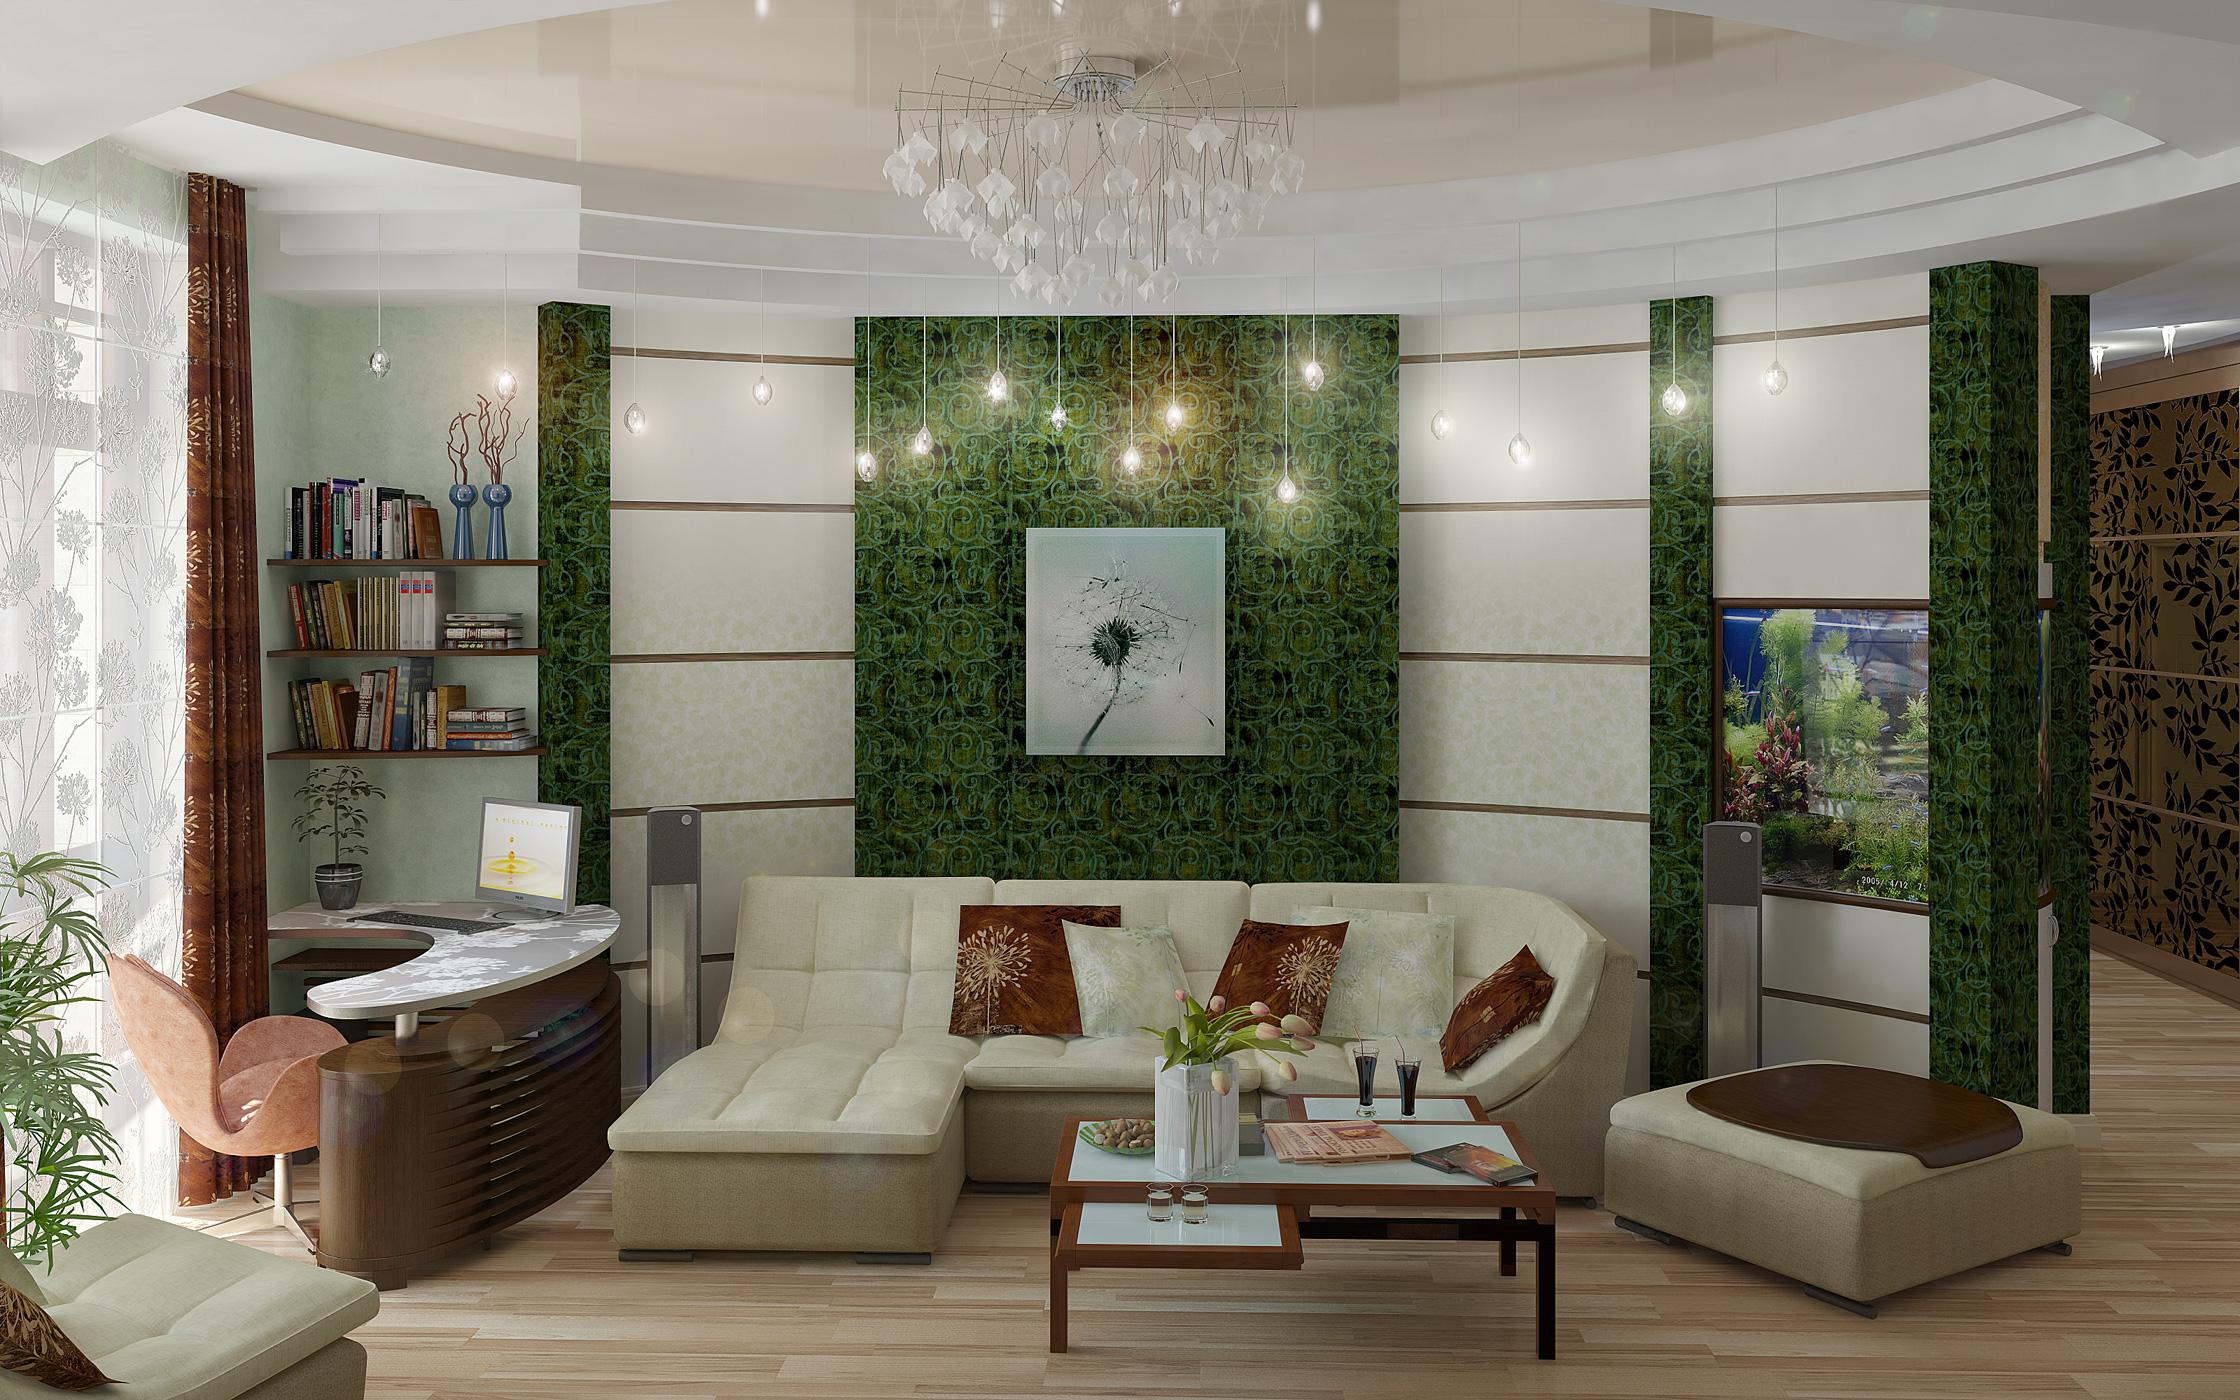 Двухуровневый натяжной потолок, сочетающий в себе два вида полотна: бежевый глянец и белый матовый, с установкой подвесных светильников и потолочной люстры